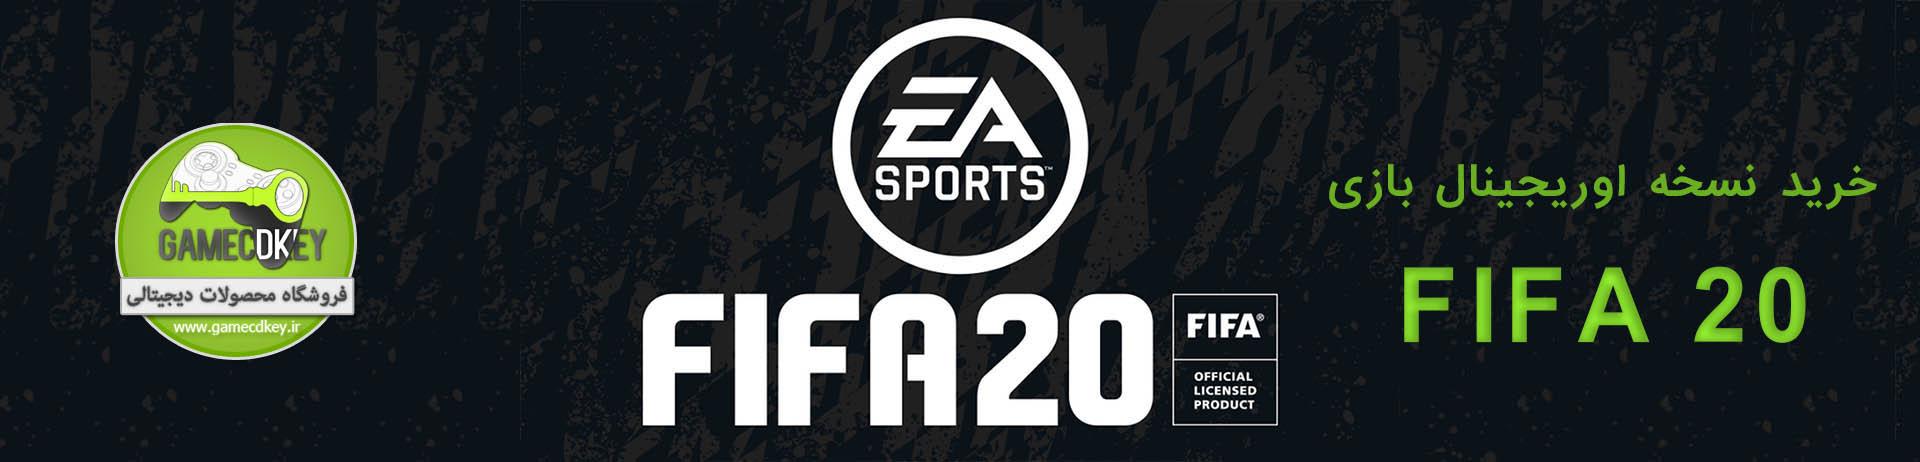 http://gamecdkey.ir/wp-content/uploads/FIFA20Bannercontent-4.jpg